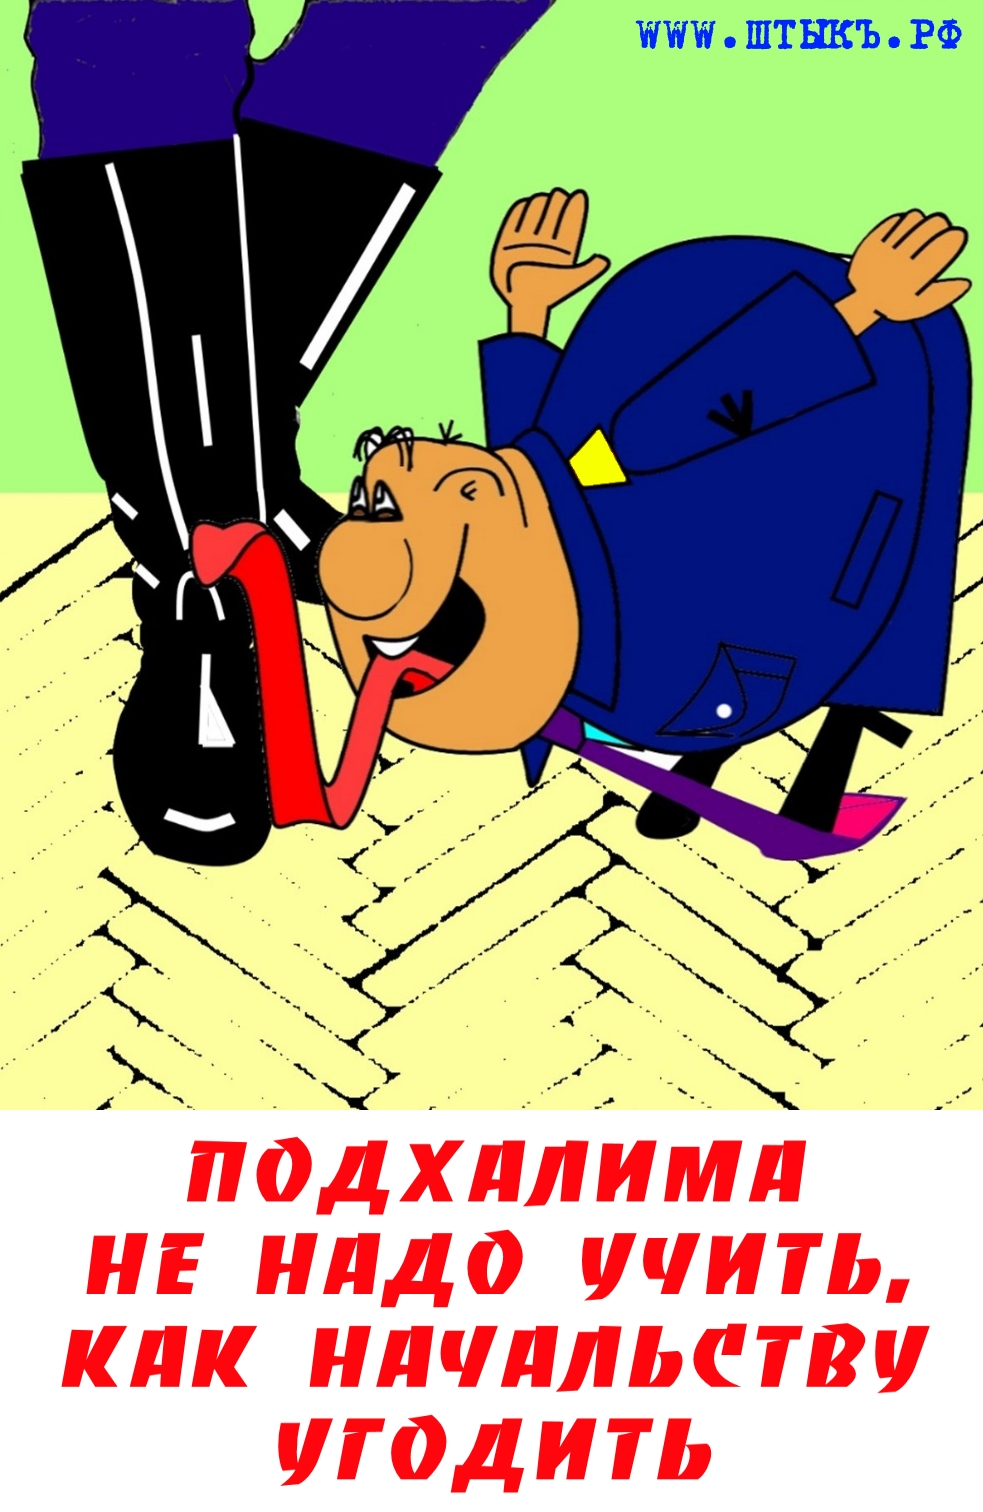 Карикатура поговорка про подхалима